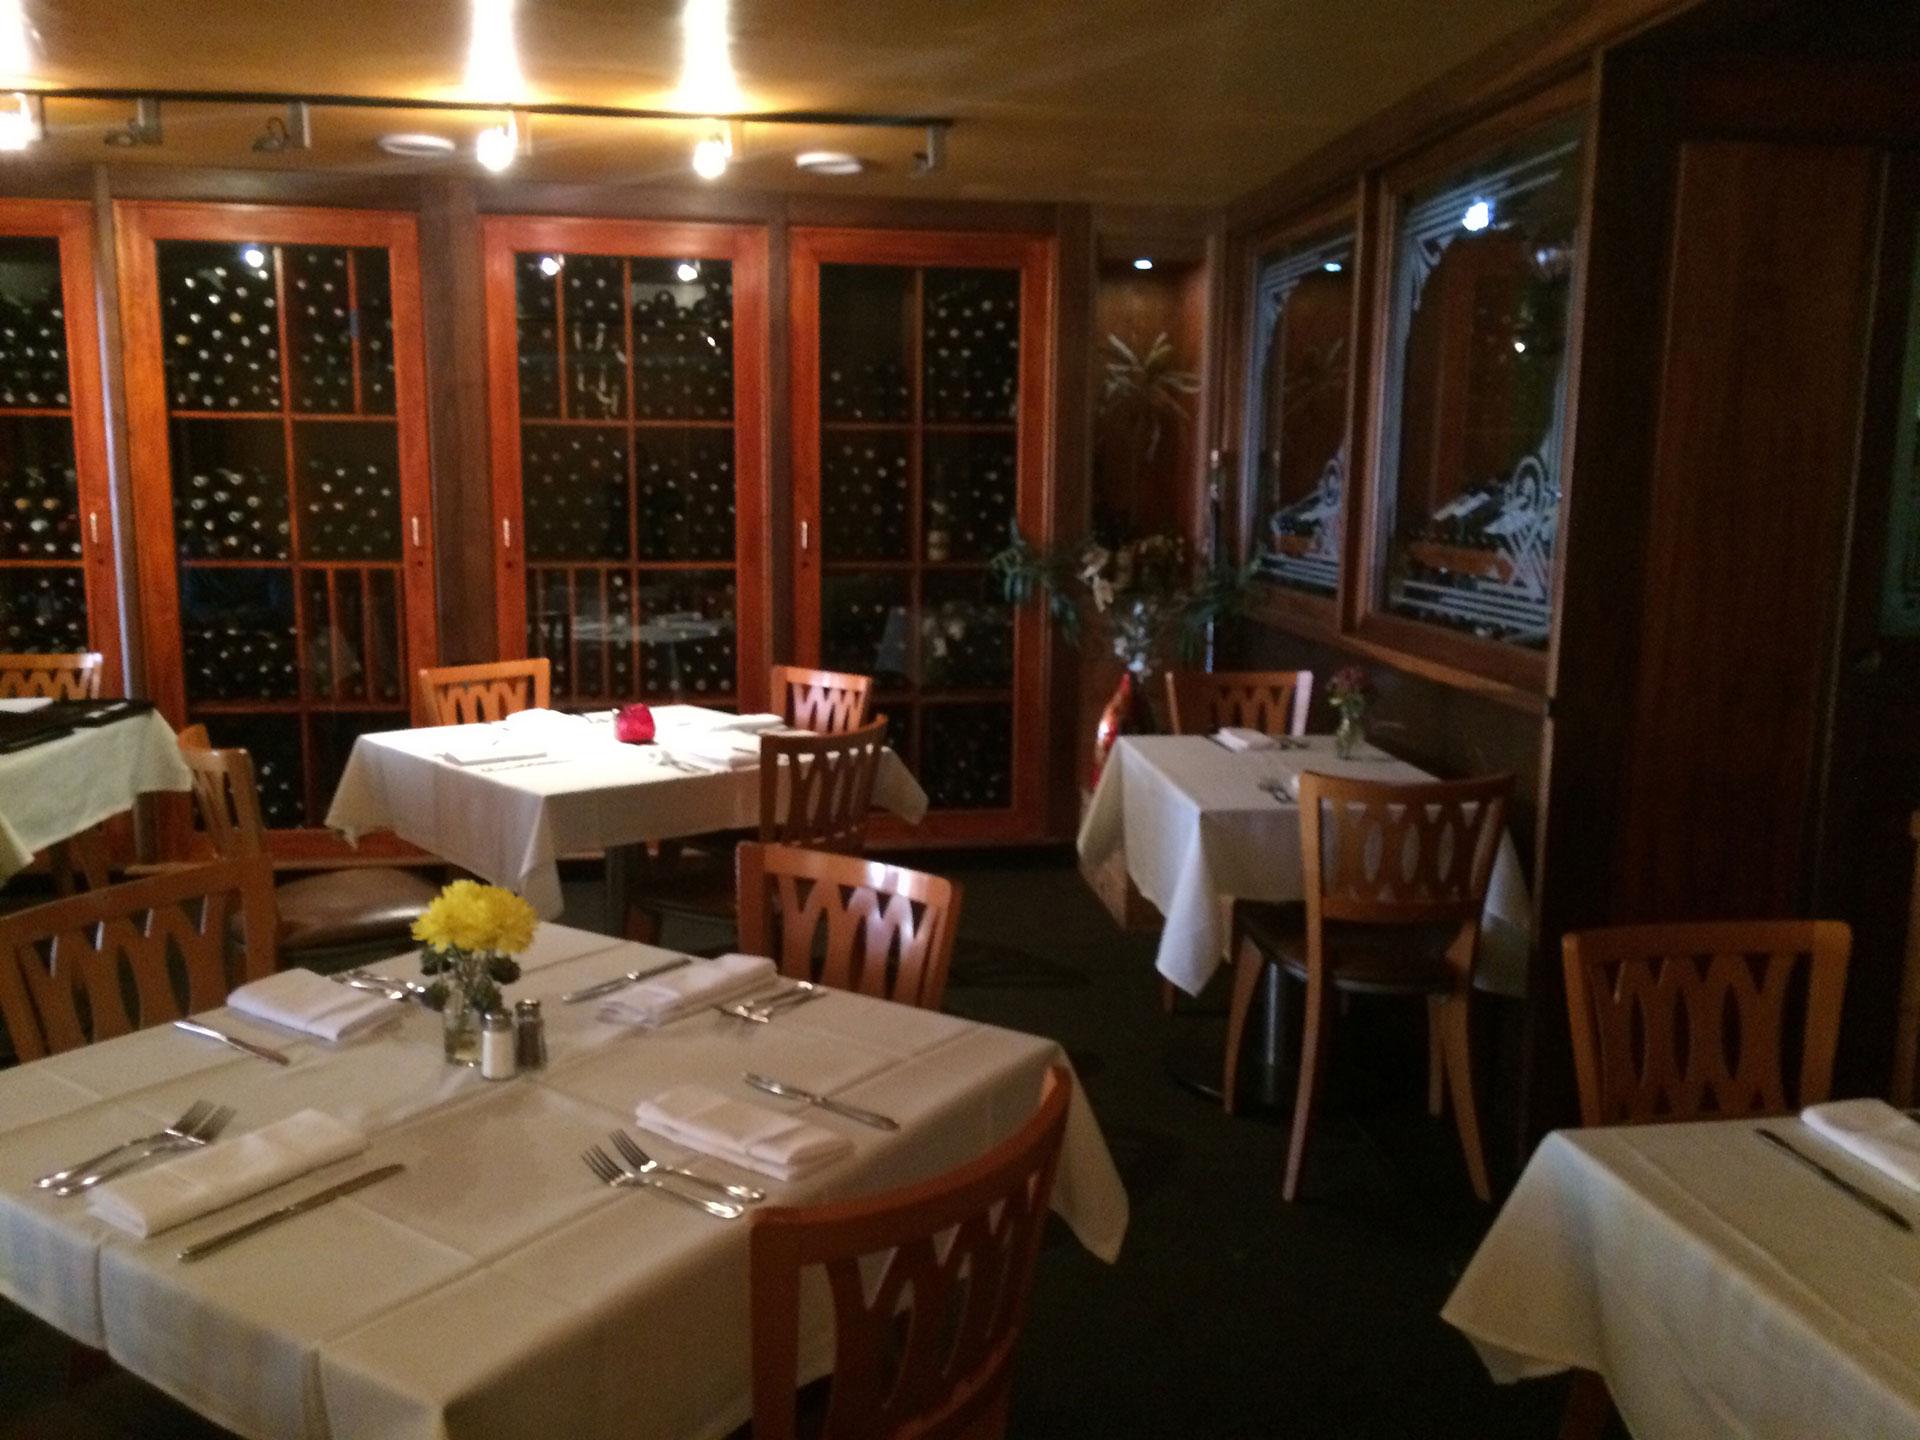 94bdb1abf50a12 eventsslider2 - Bar Italia Ristorante | Italian Cuisine | Located in ...